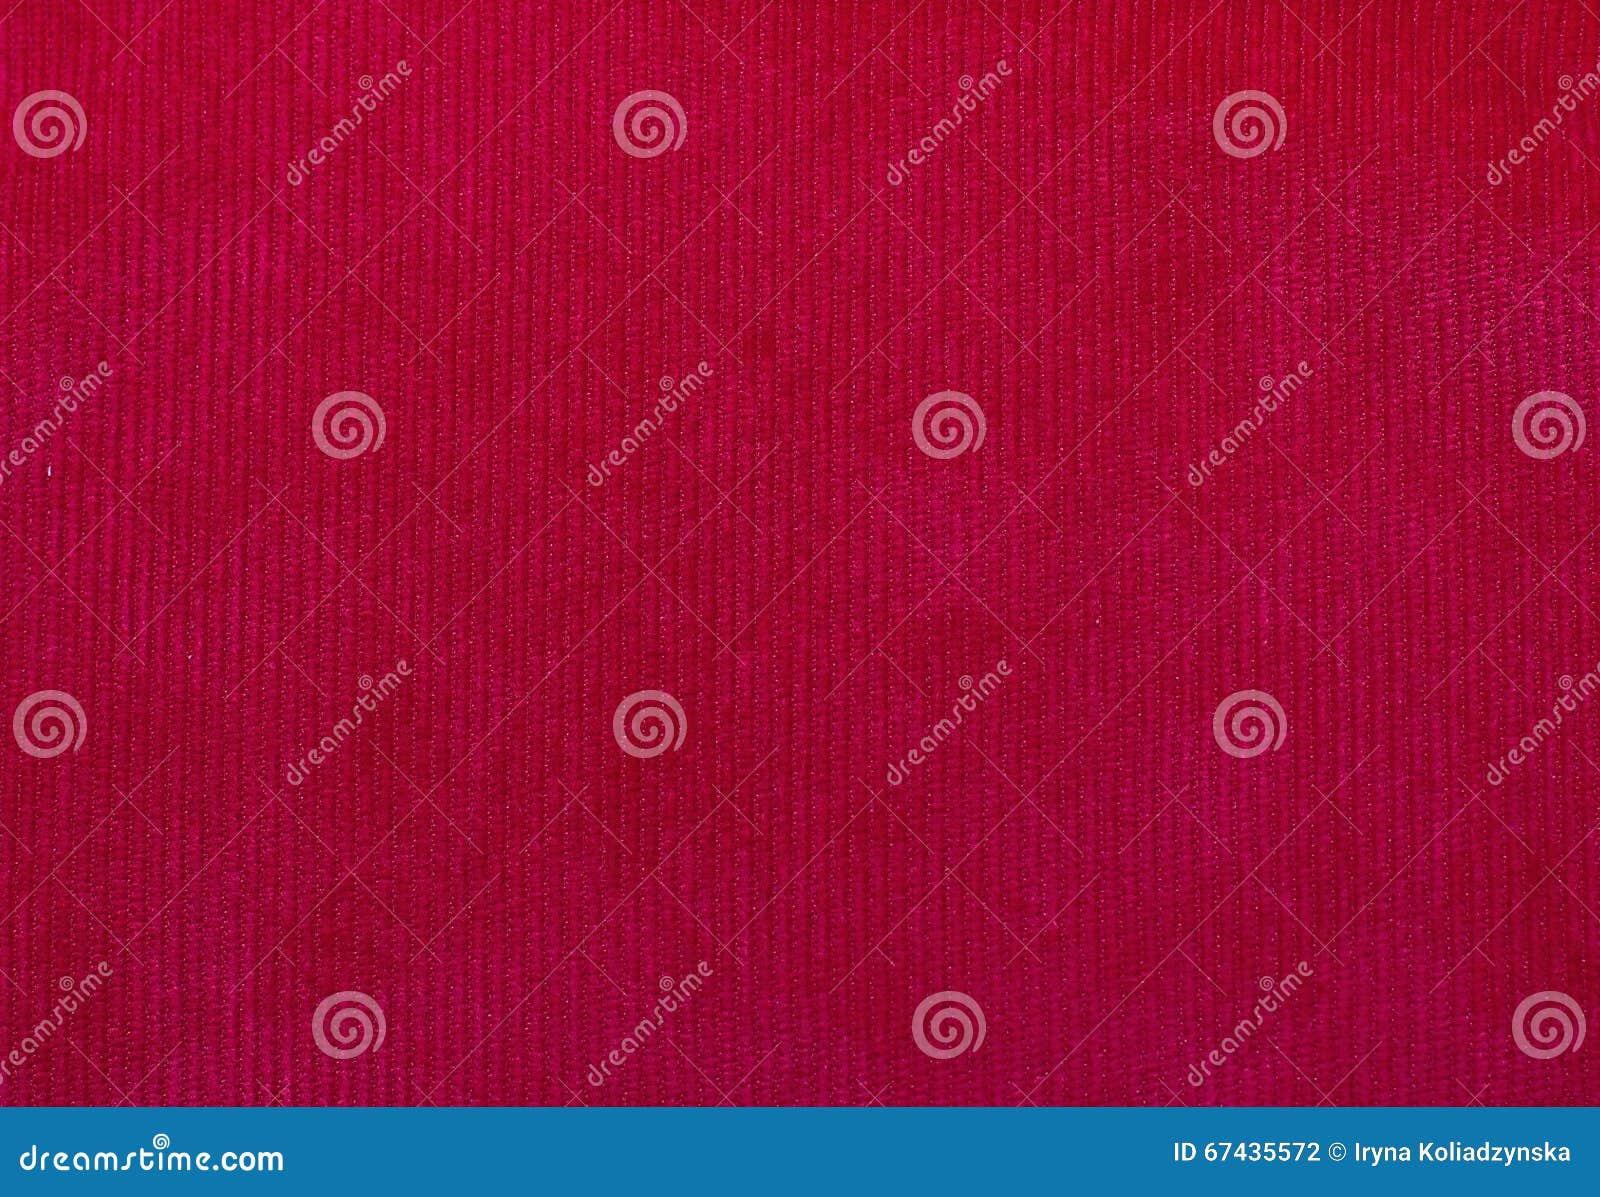 Textura De La Tela Del Terciopelo, Rojo, Para Los Fondos